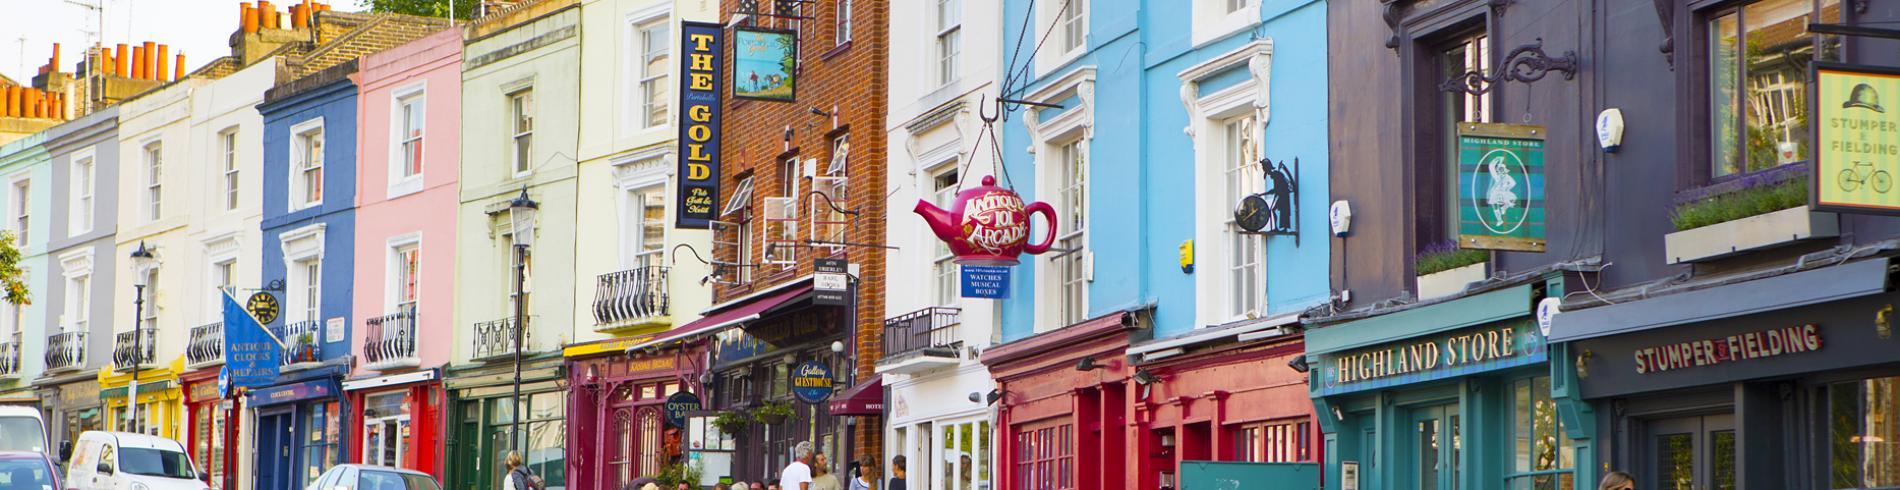 London Portobello road Hero Image